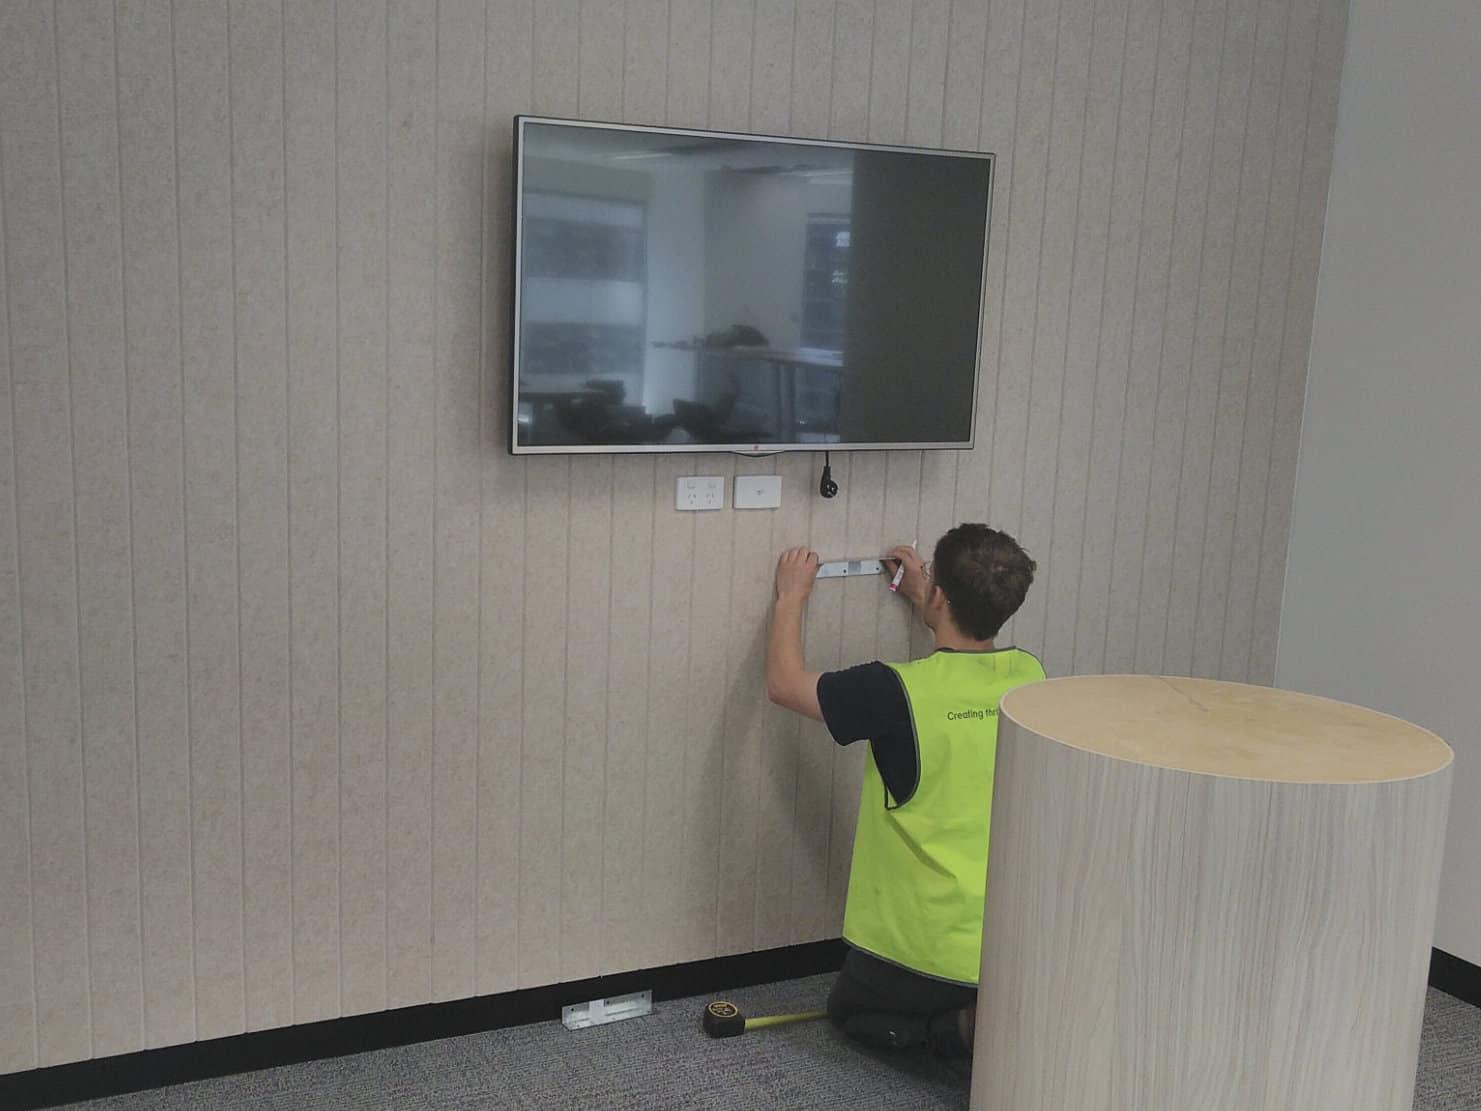 AV Technician installing TV on wall.